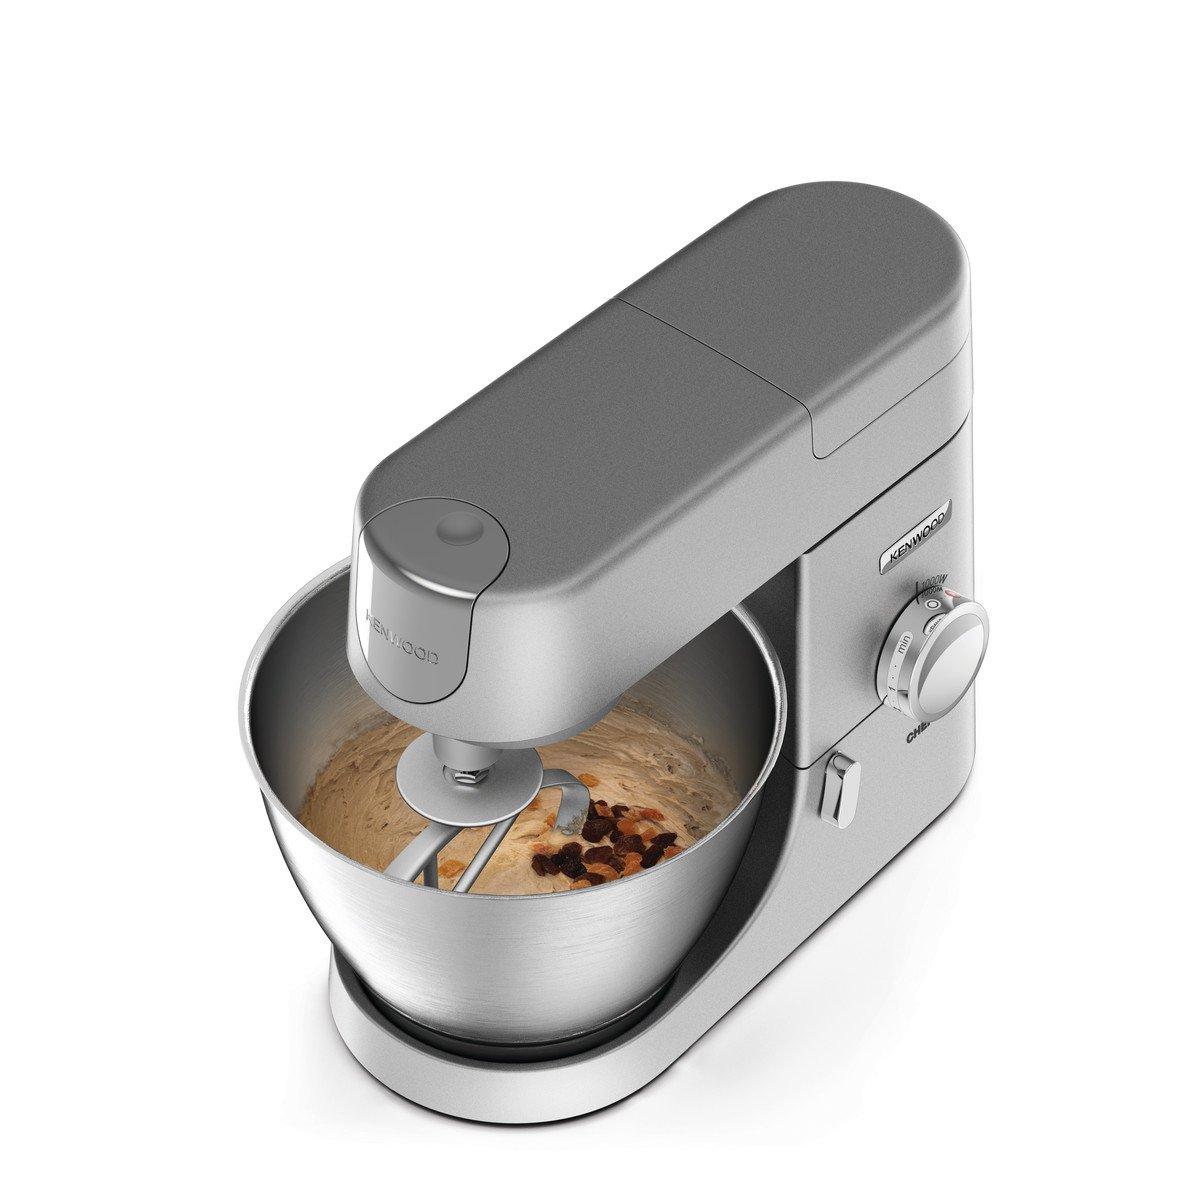 Kenwood KVC3110S Robot de cocina, accesorios de bol, indicador de velocidades 1000 W, 4.6 litros, Metal, Plata: Amazon.es: Hogar